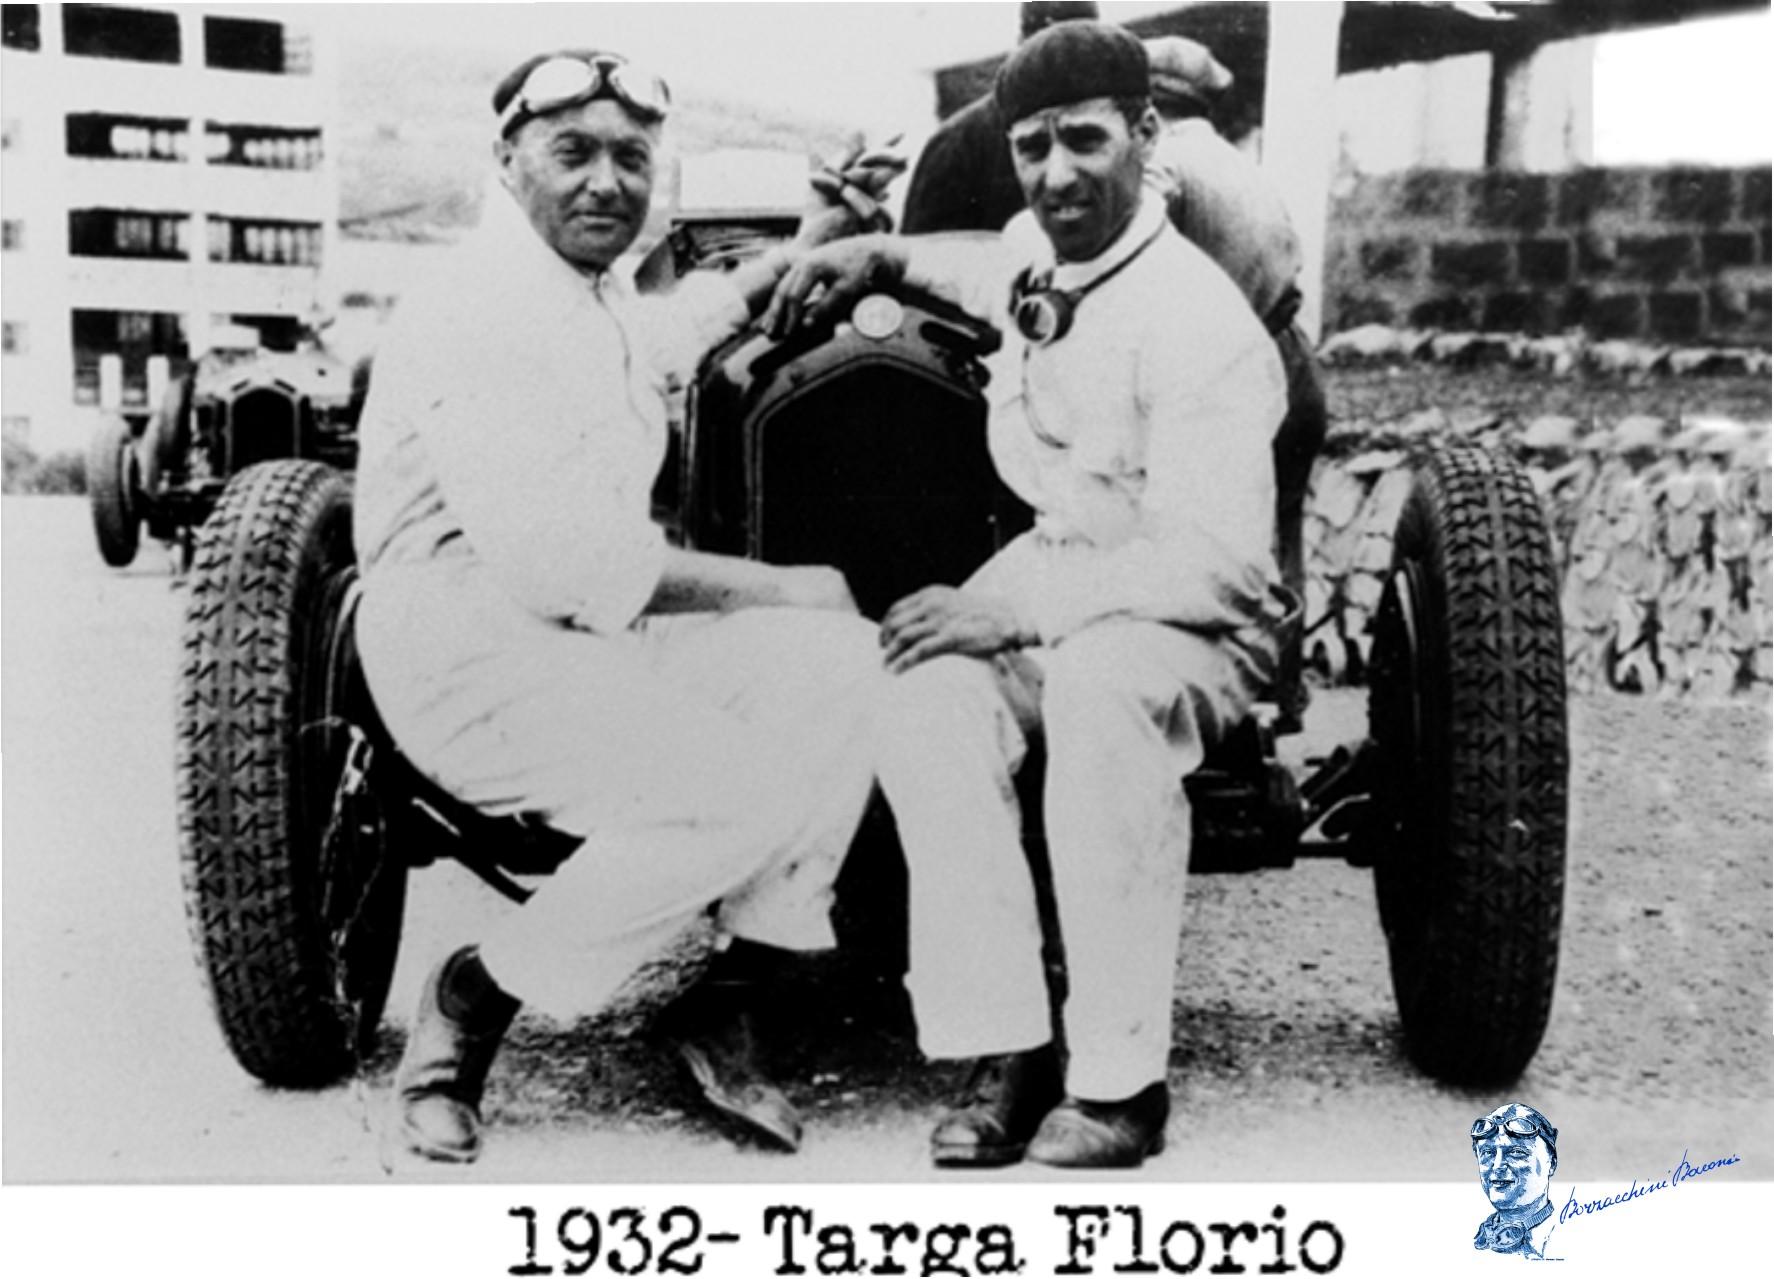 1932 targa florio